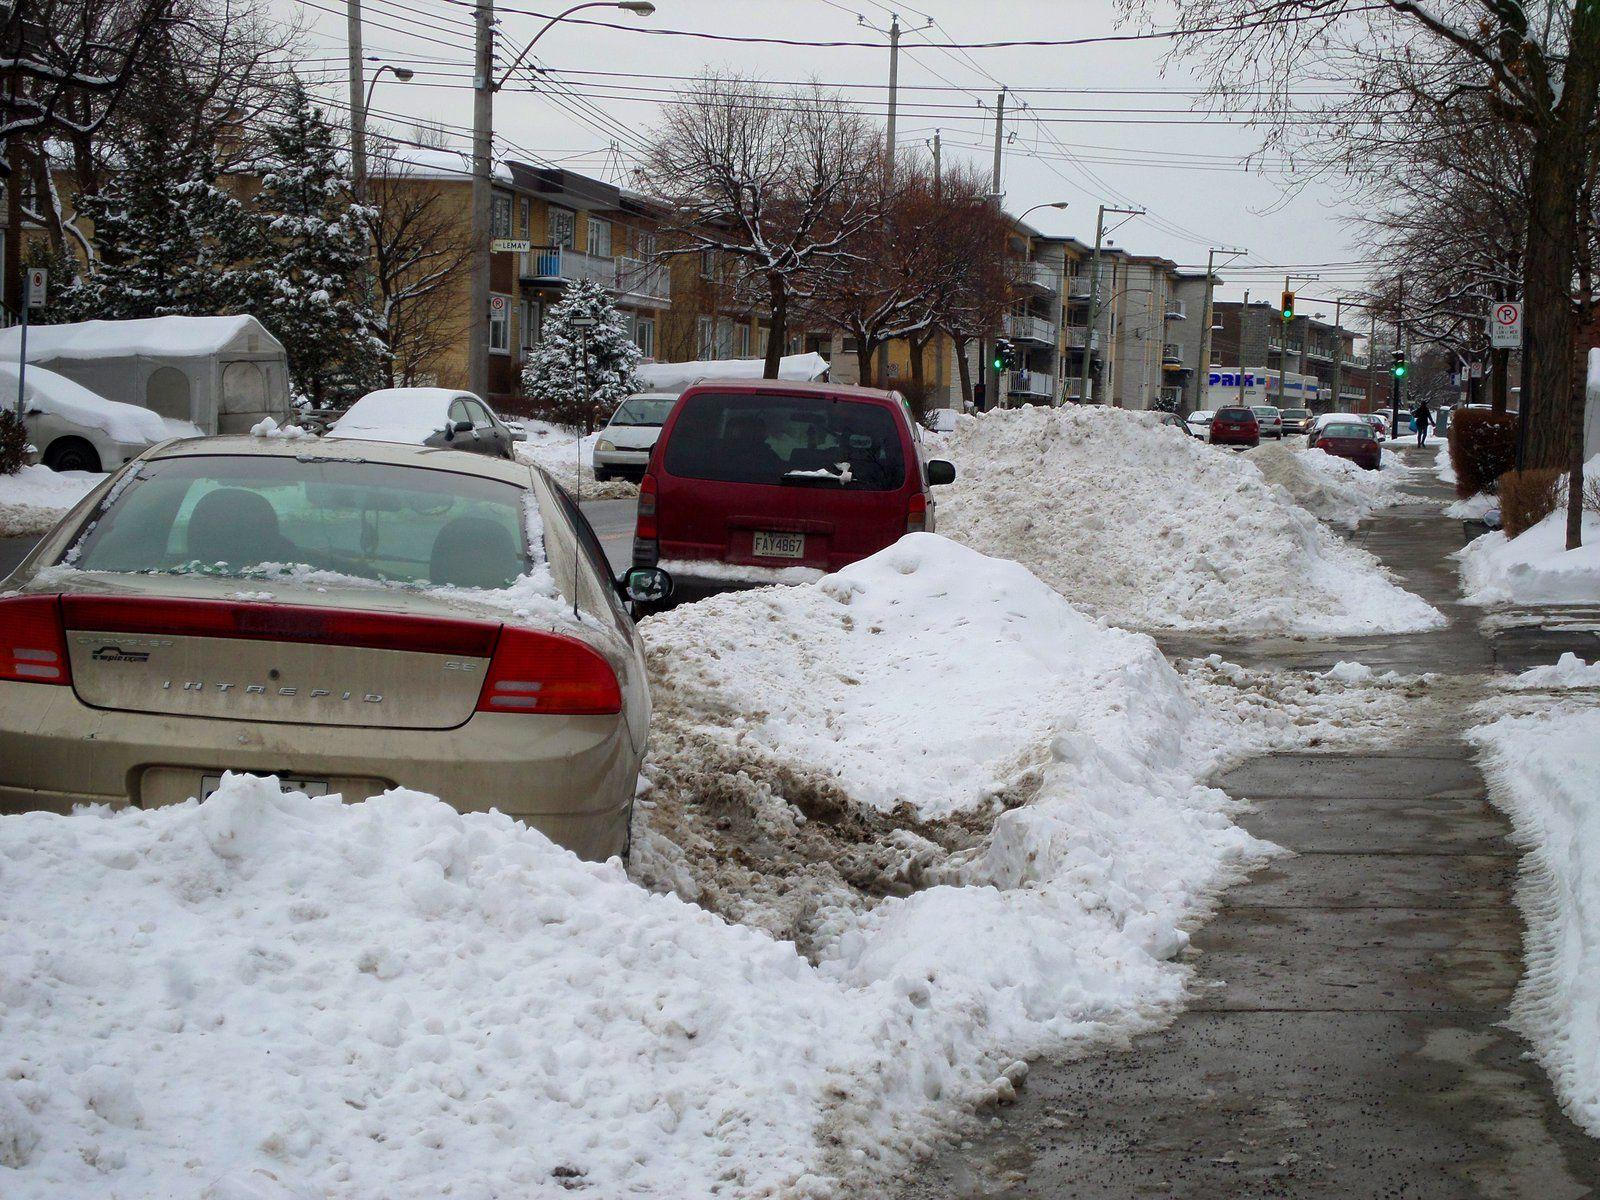 Vous remarquerez que les voitures se garent en épis quand il y a de la neige,normal car elles sont entourées de neige :)